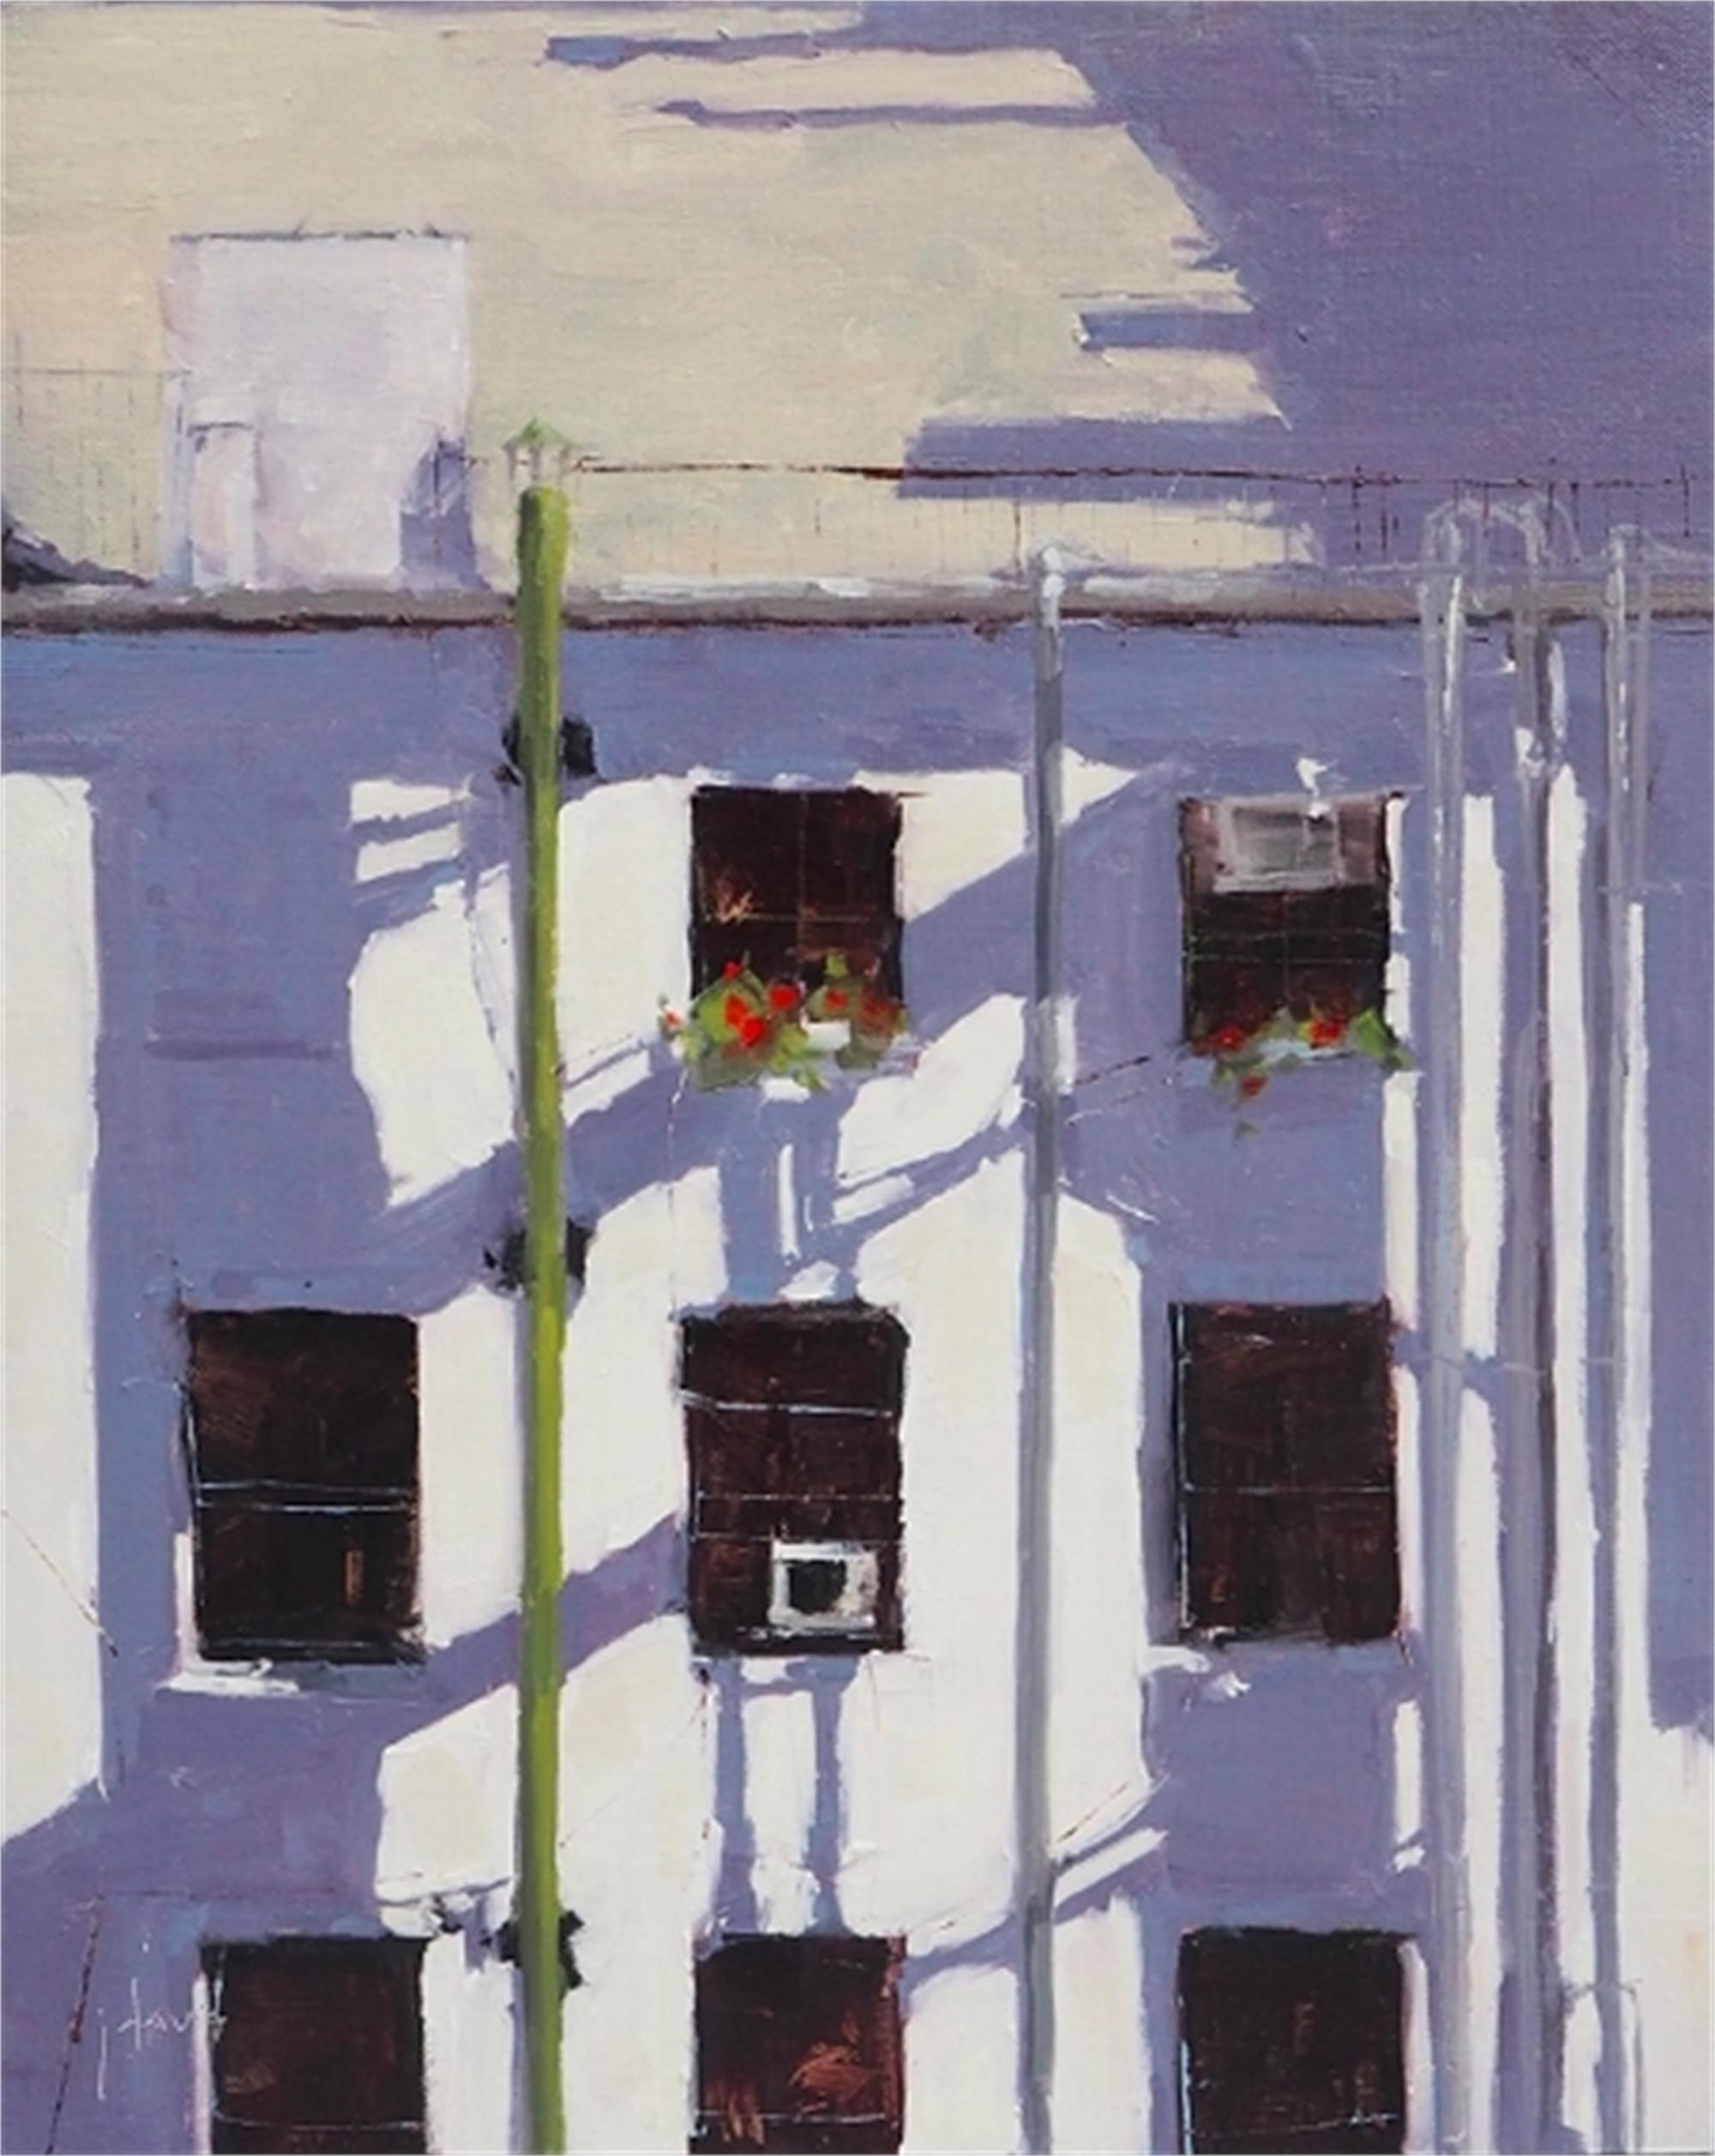 Neighbors by Julie Davis